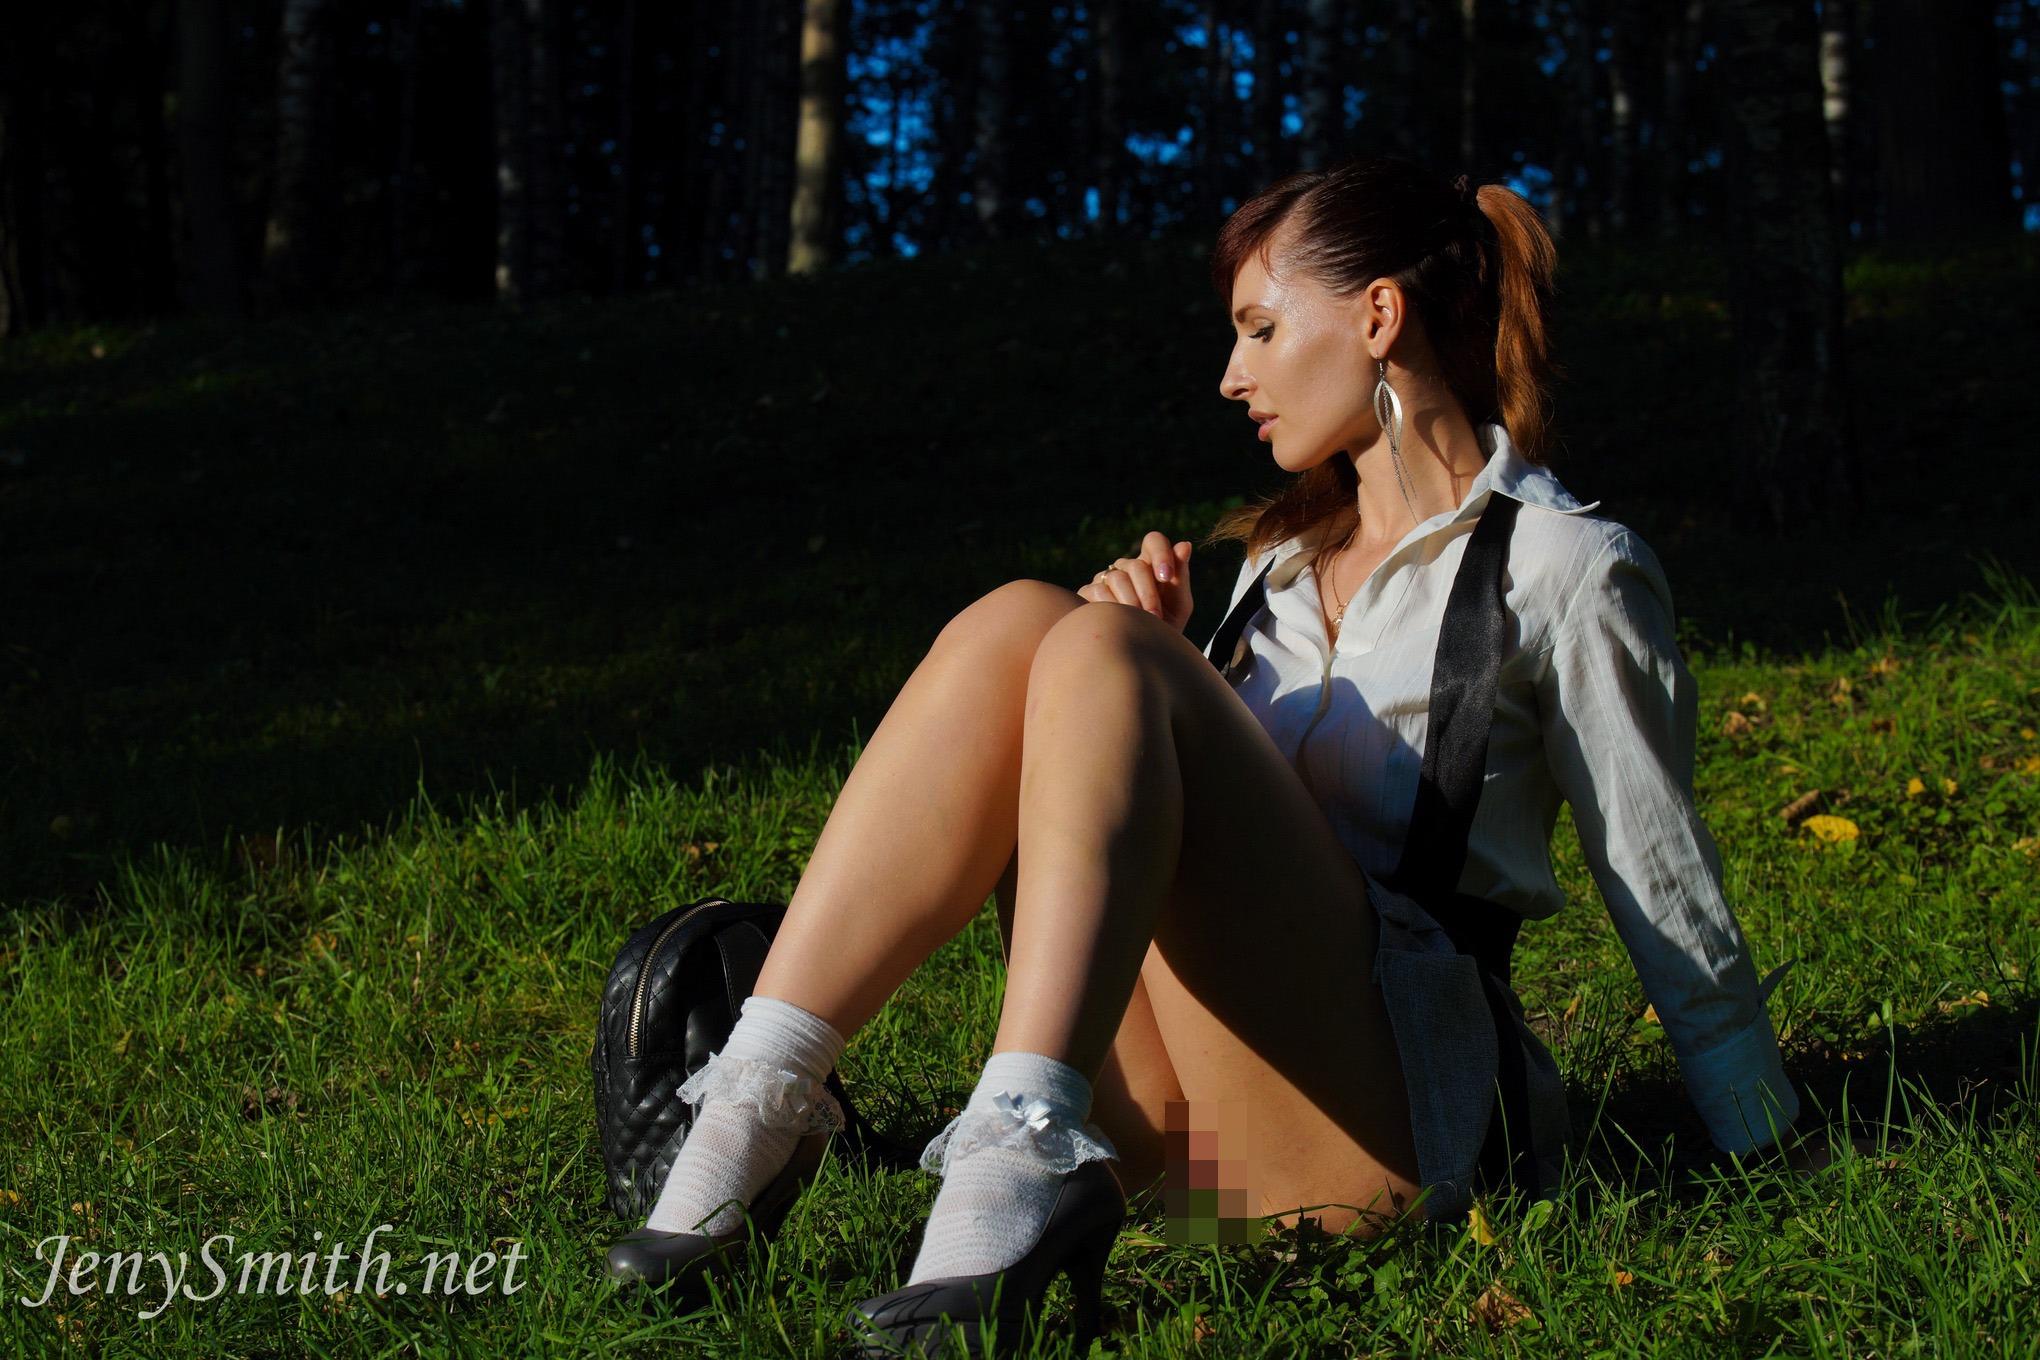 Jeny Smith - profile image - 3